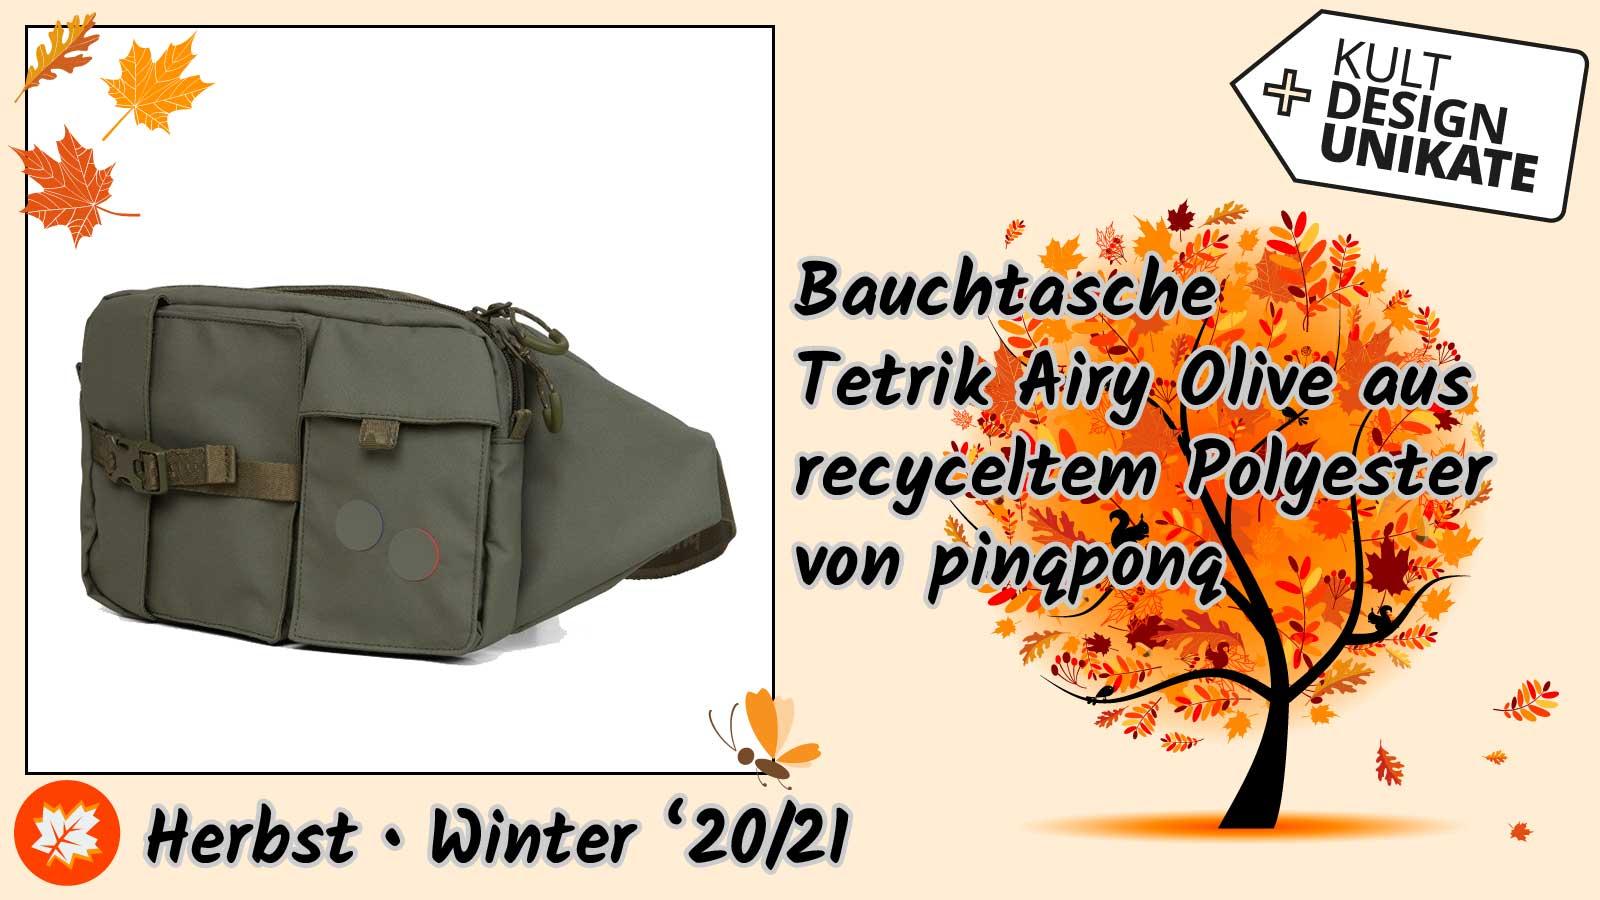 pinqponq---Taschen-Bauchtasche-Tetrik-Airy-Olive